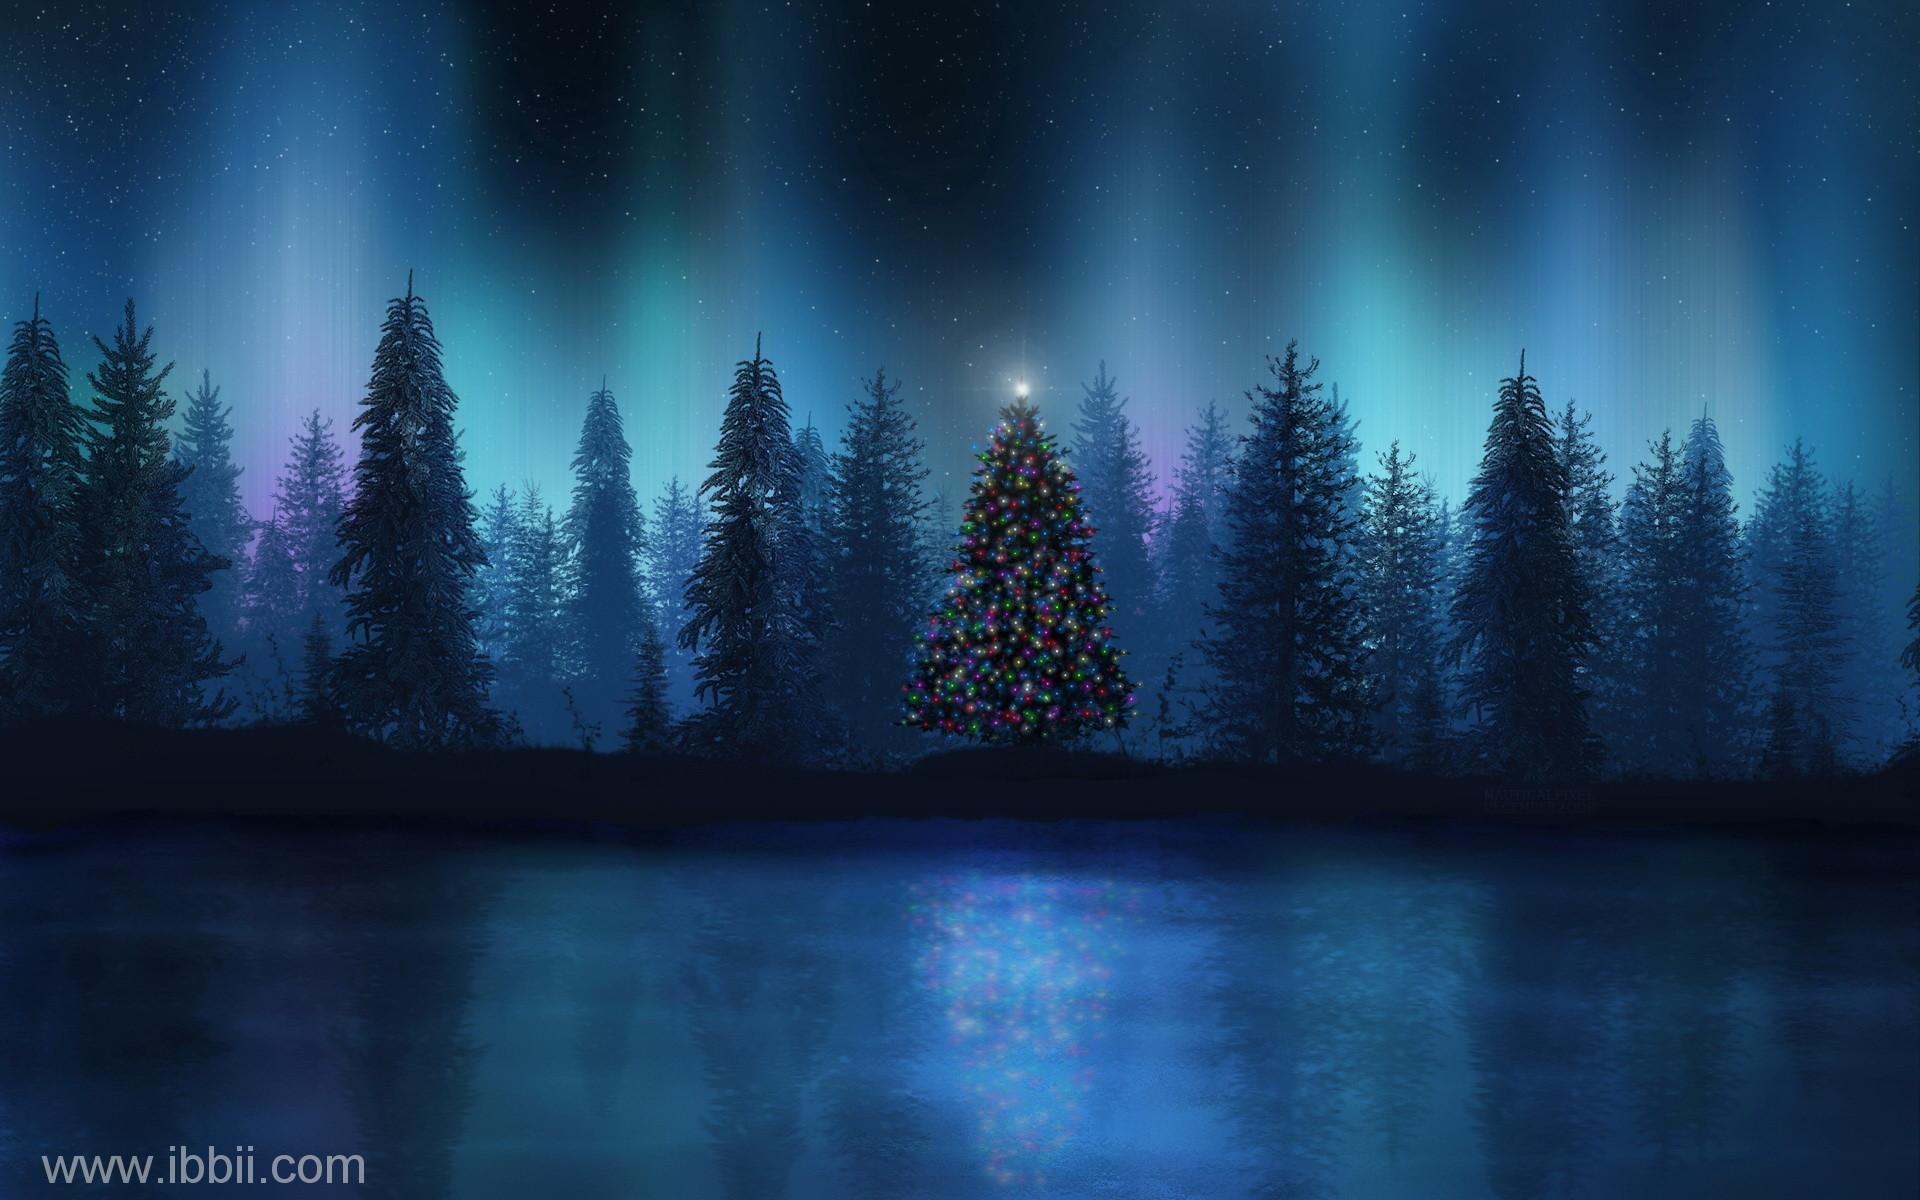 snow-wallpapers-night-winter-scenes-wallpaper-34186